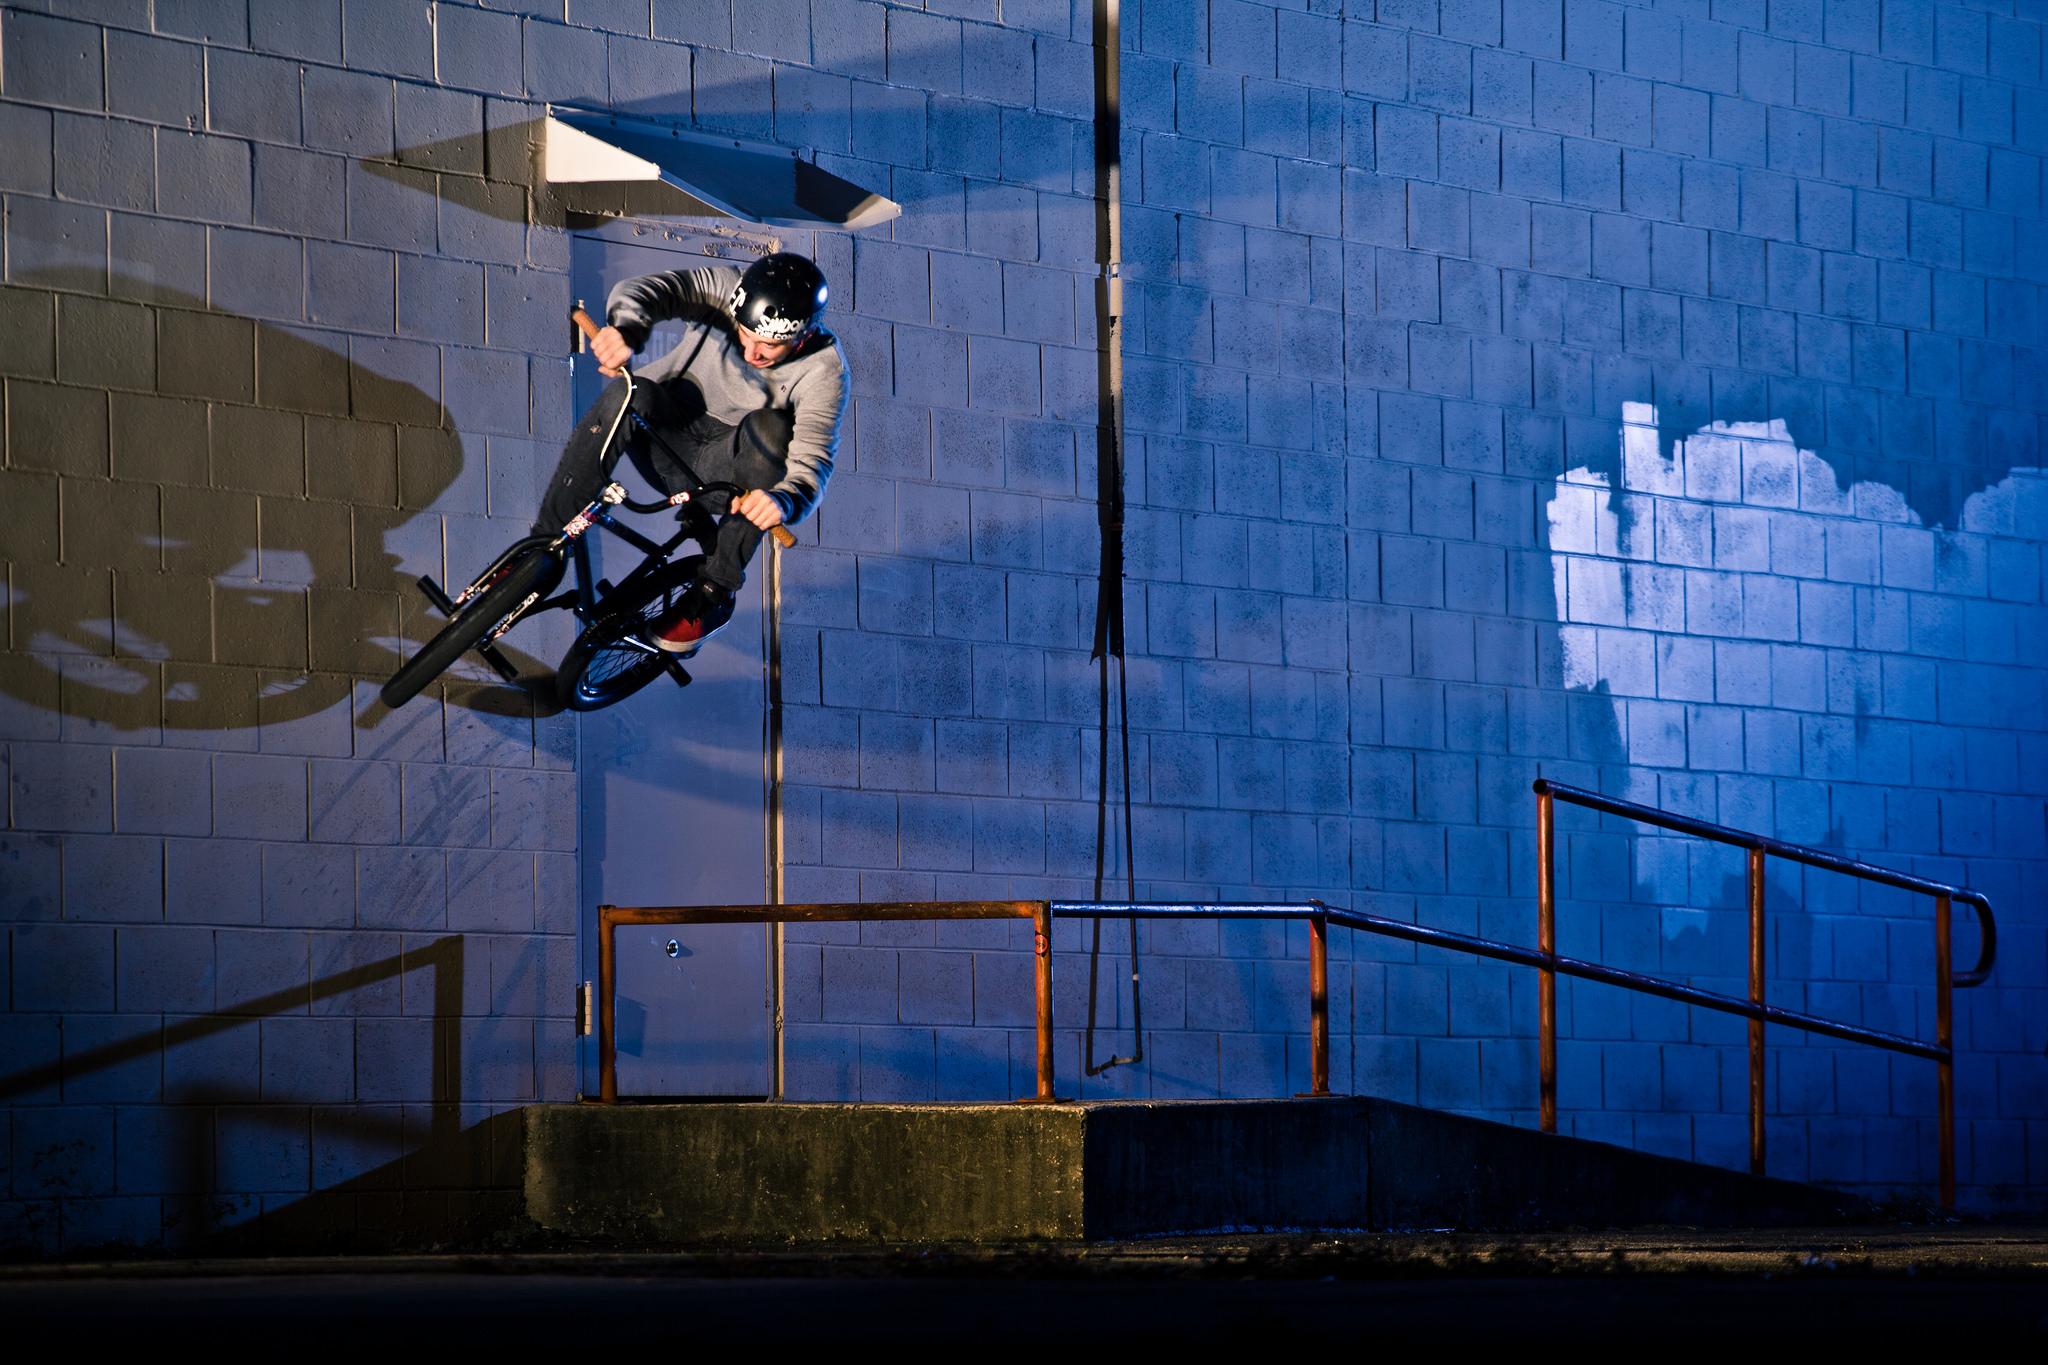 BMX en las calles - 2048x1365